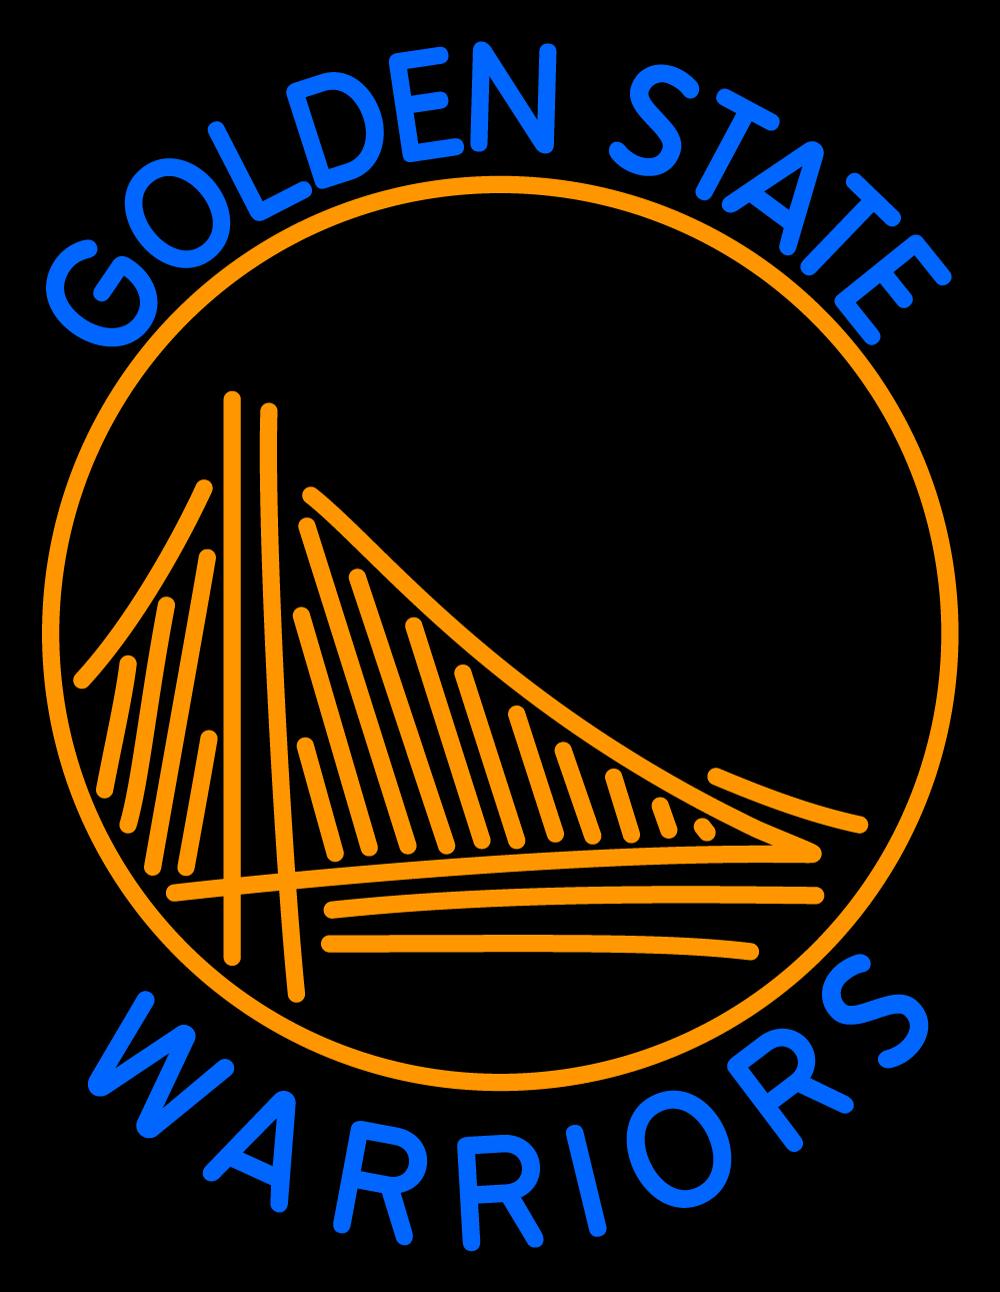 Warriors Logo Wallpaper Golden State Warrior 1000x1292